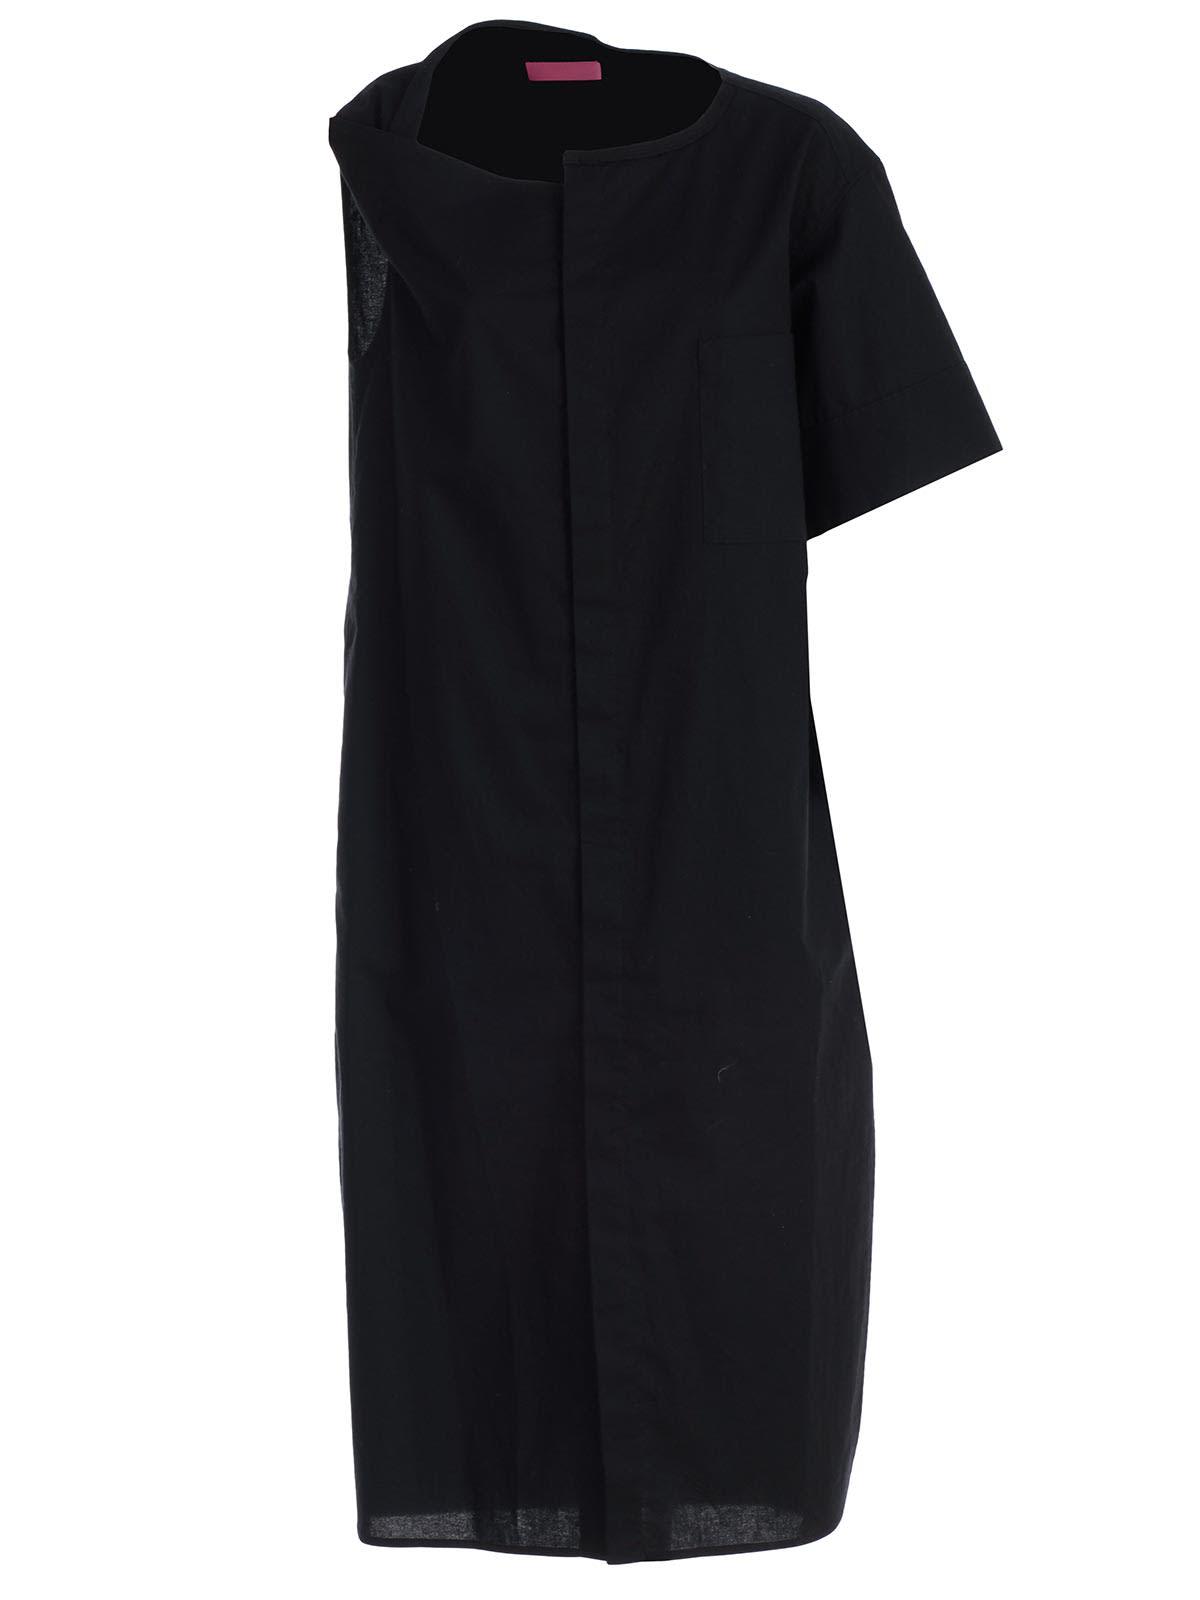 Ys Asymmetric Dress